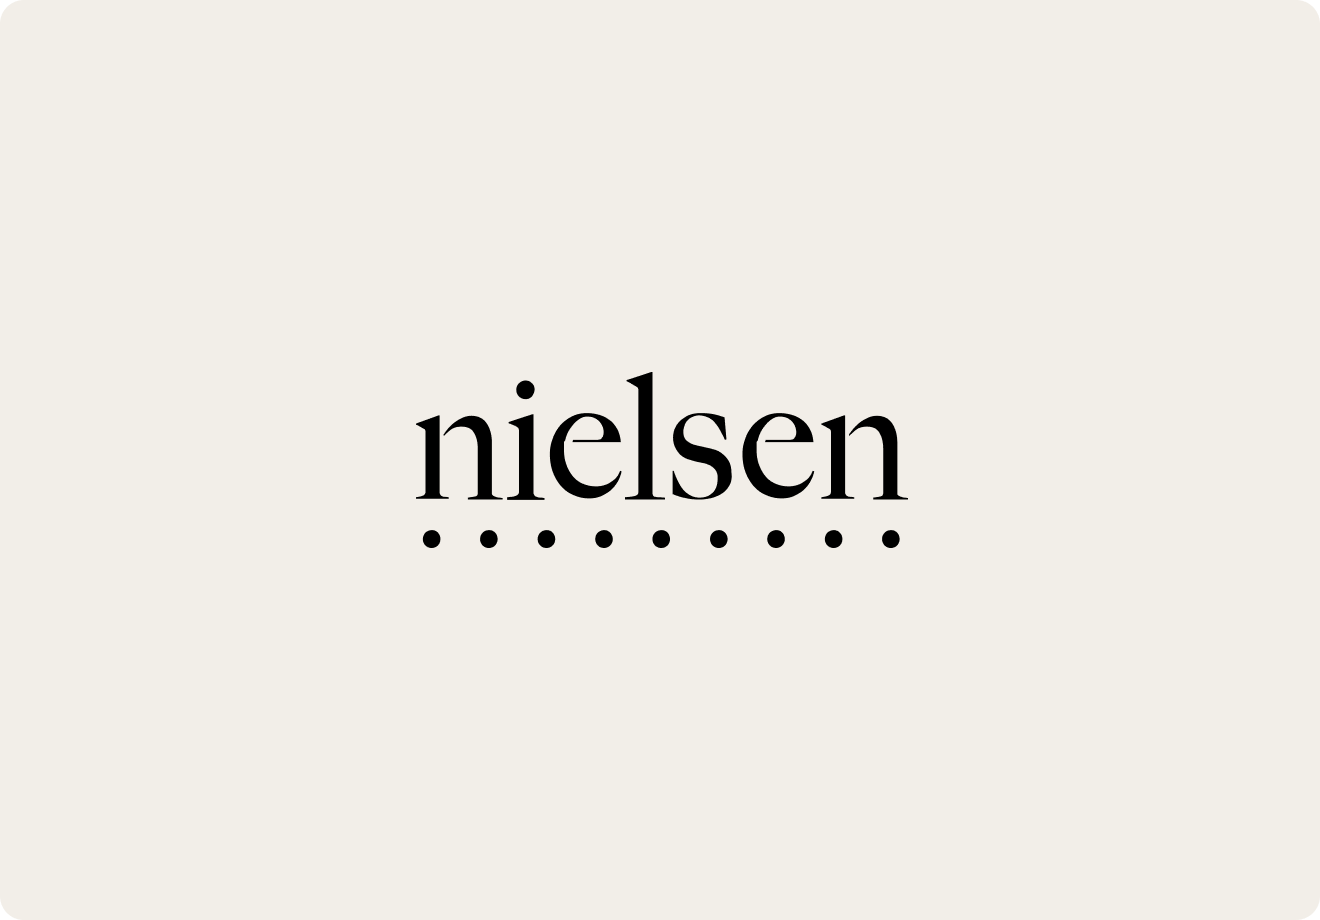 insights-neilsen-mobile